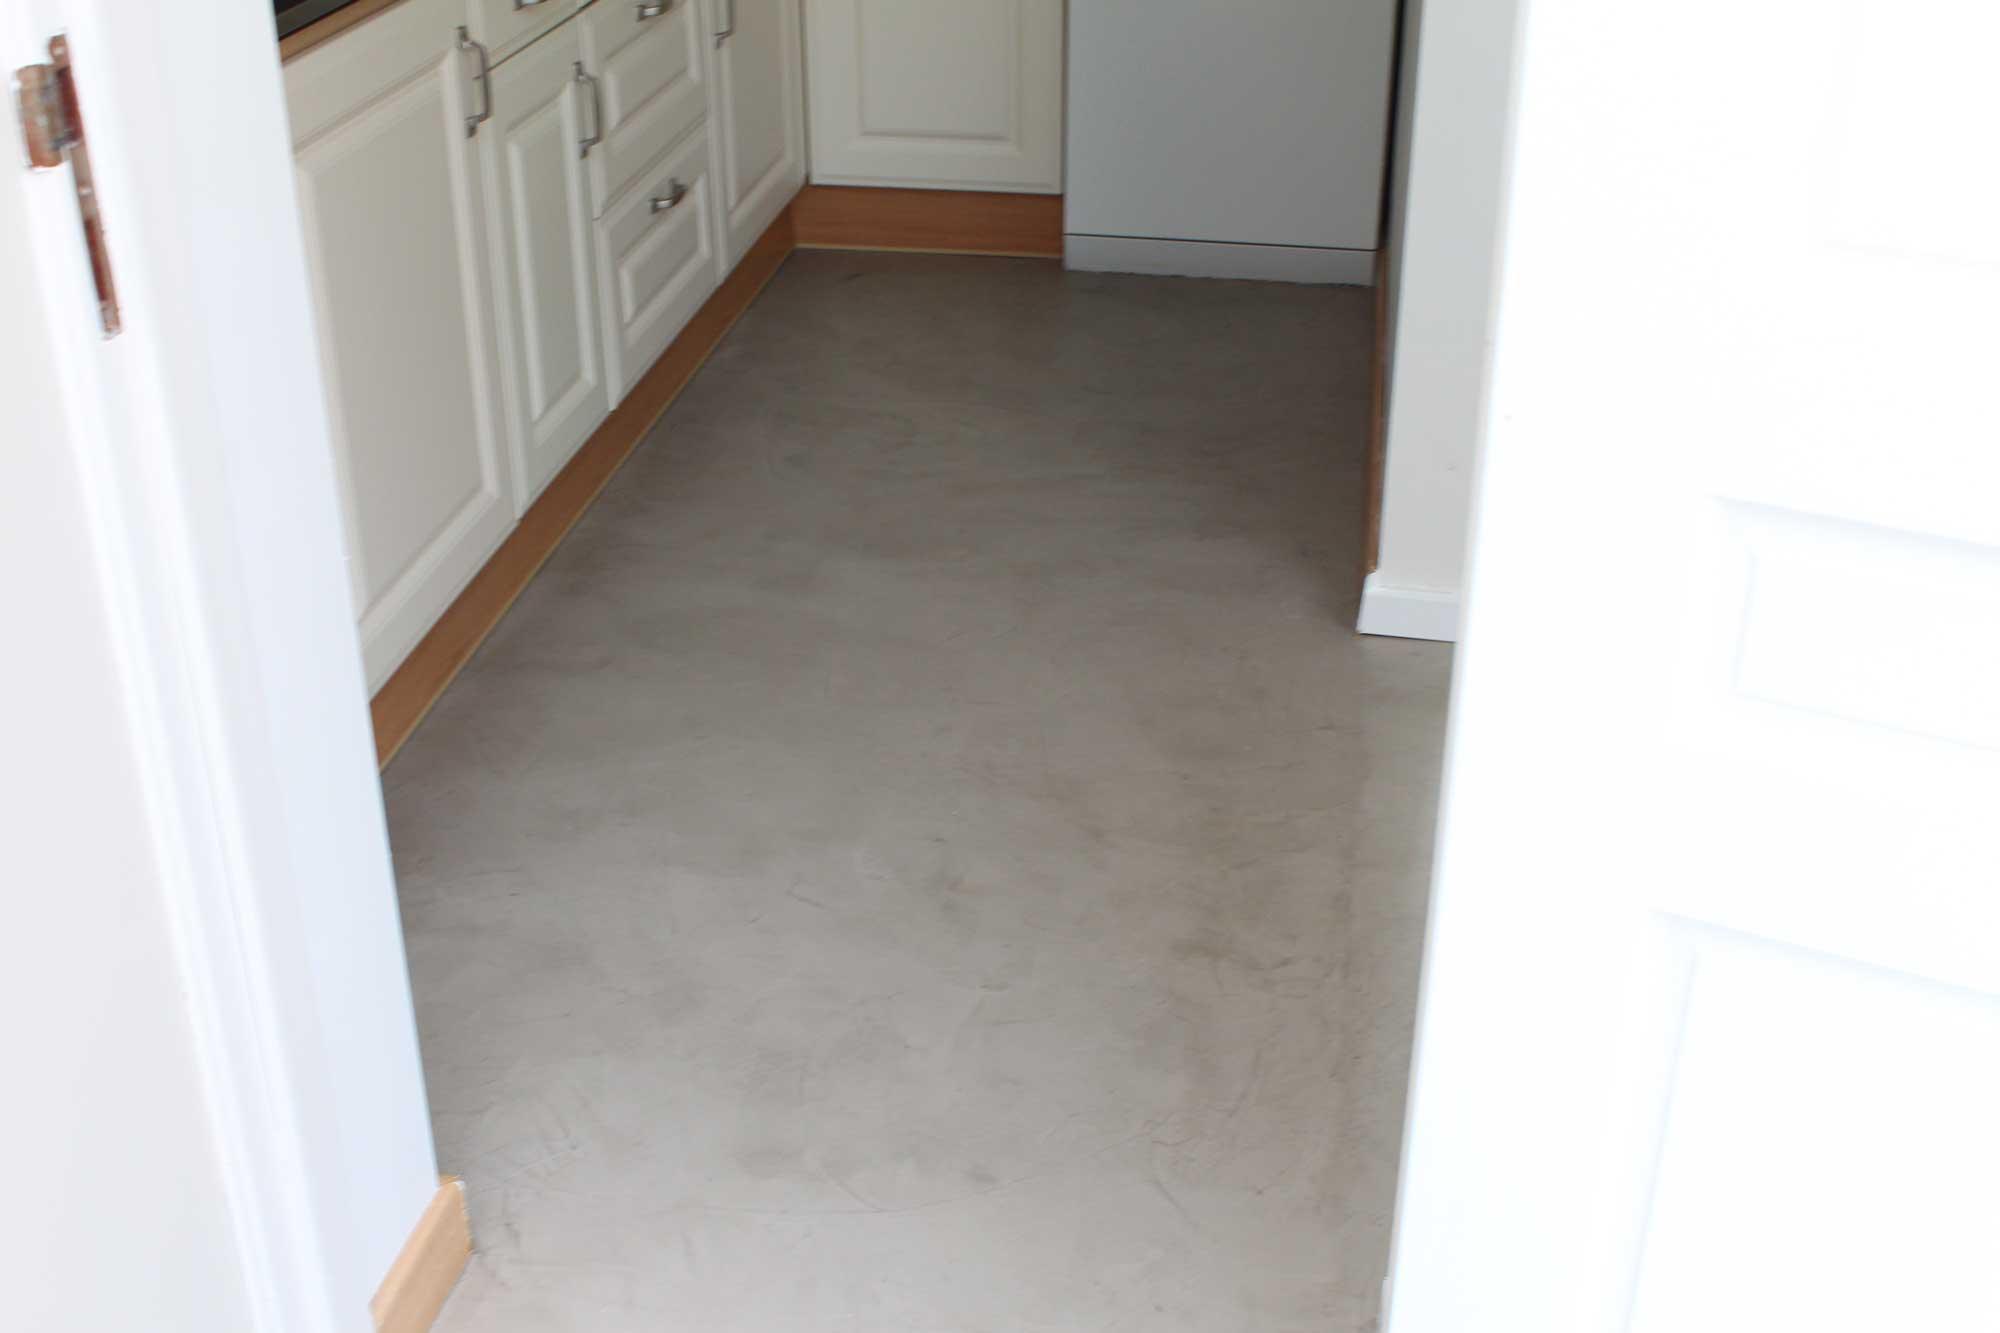 Tadelakt badkamer vloer matte betonstuc in badkamer interieur inrichting - Badkamer vloer ...